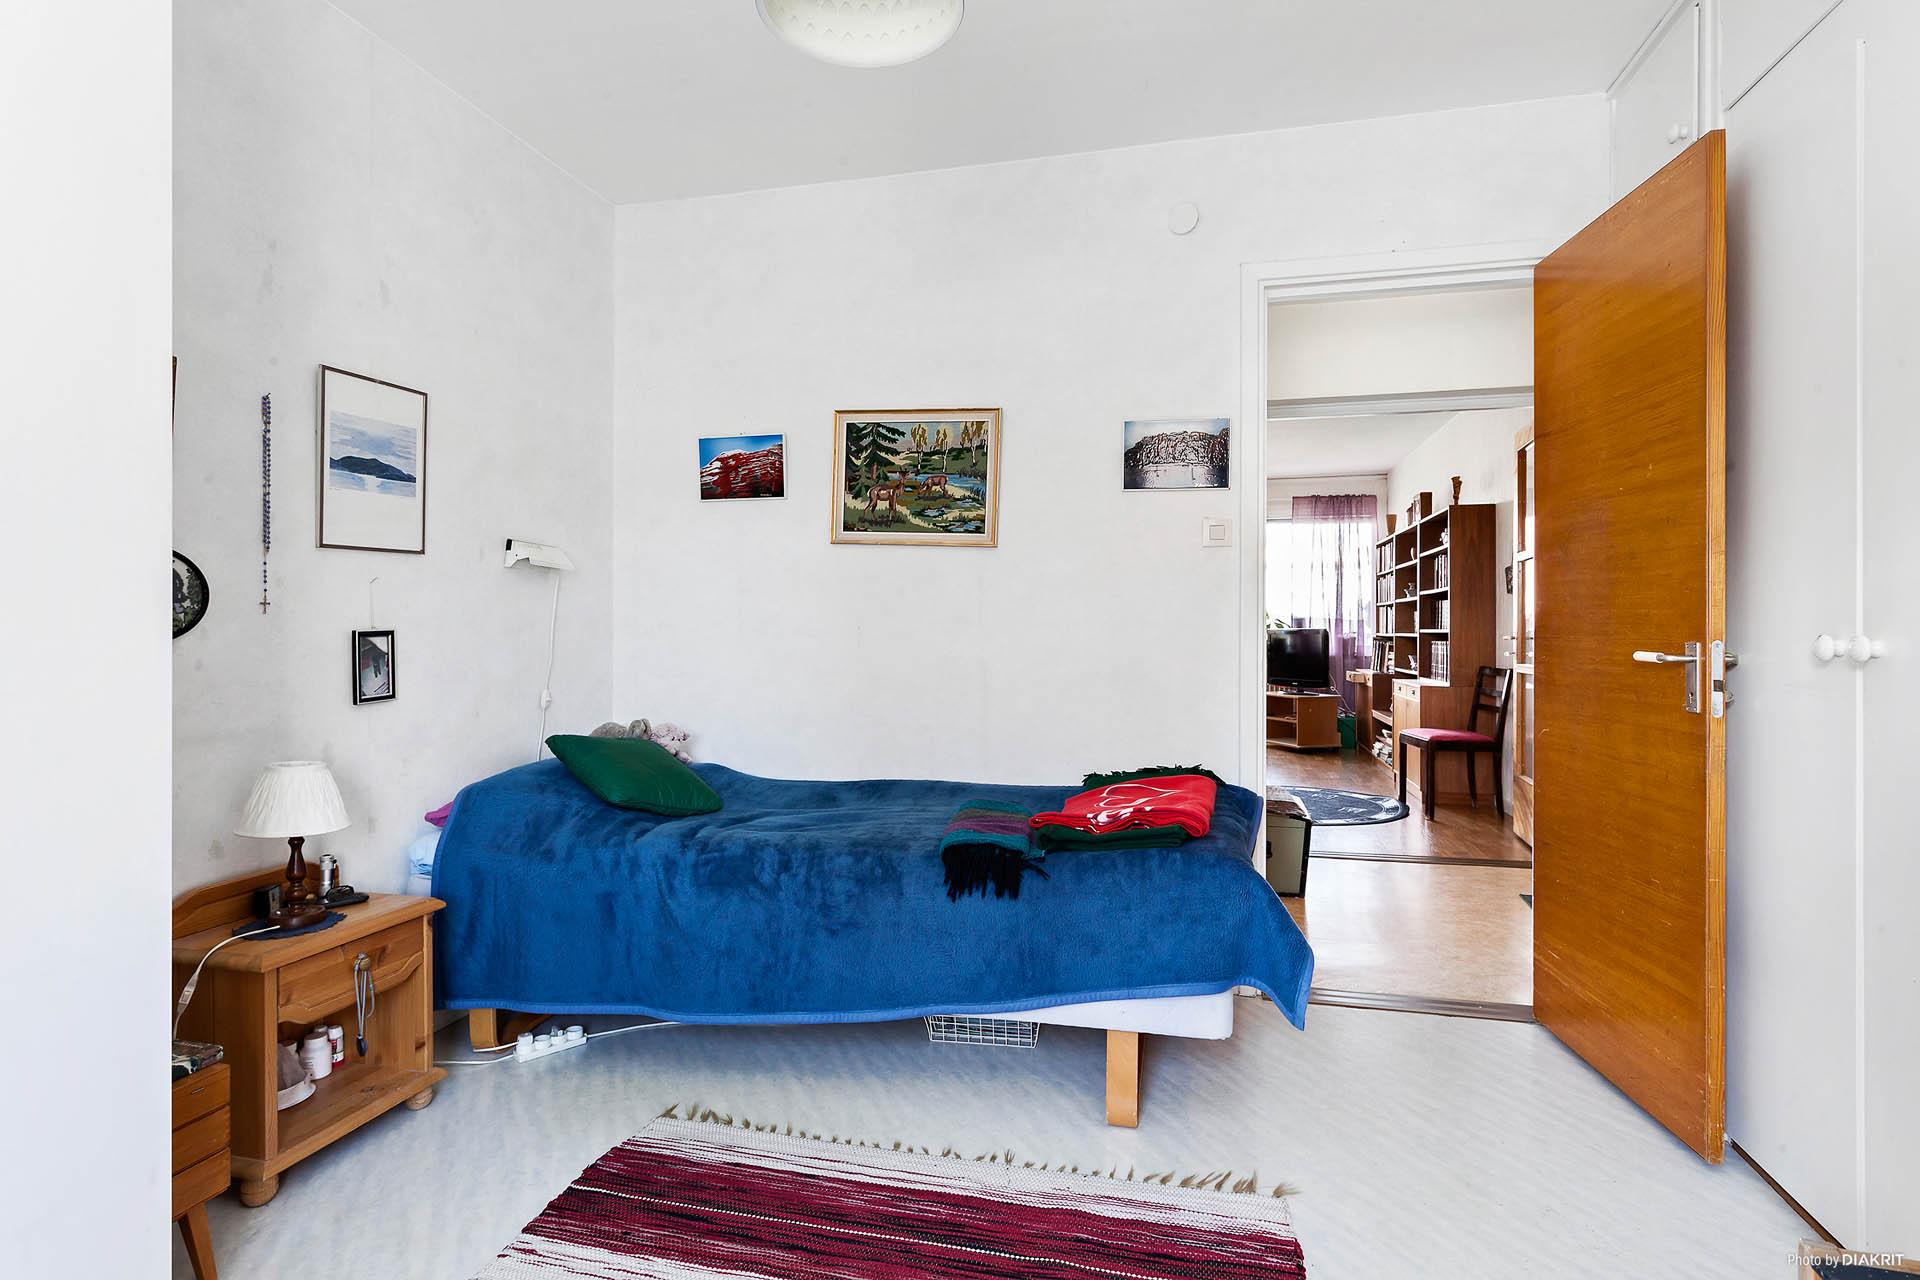 Sovrum med plats för exempelvis dubbelsäng och byrå.